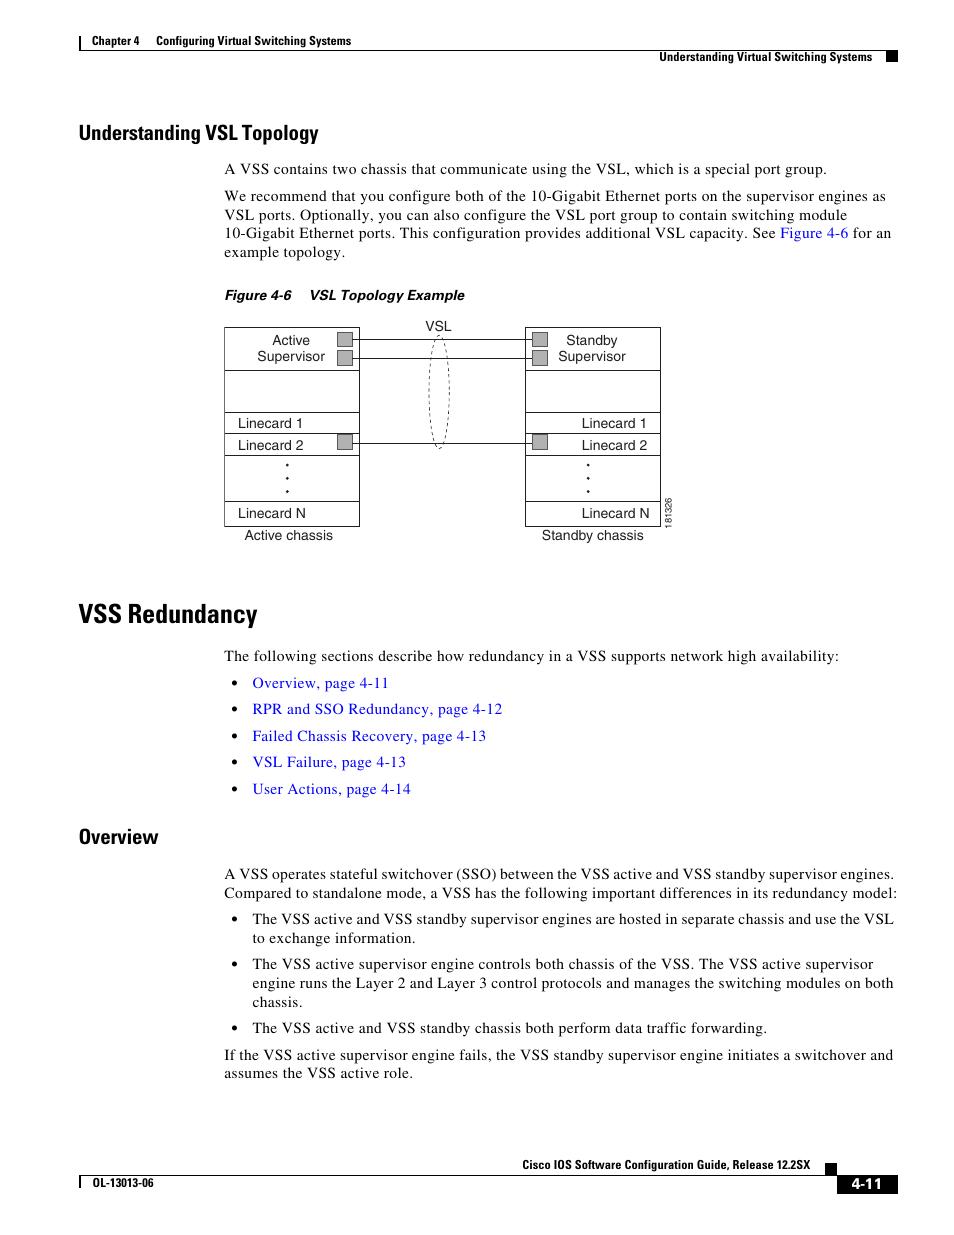 Understanding vsl topology, Vss redundancy, Overview | Cisco